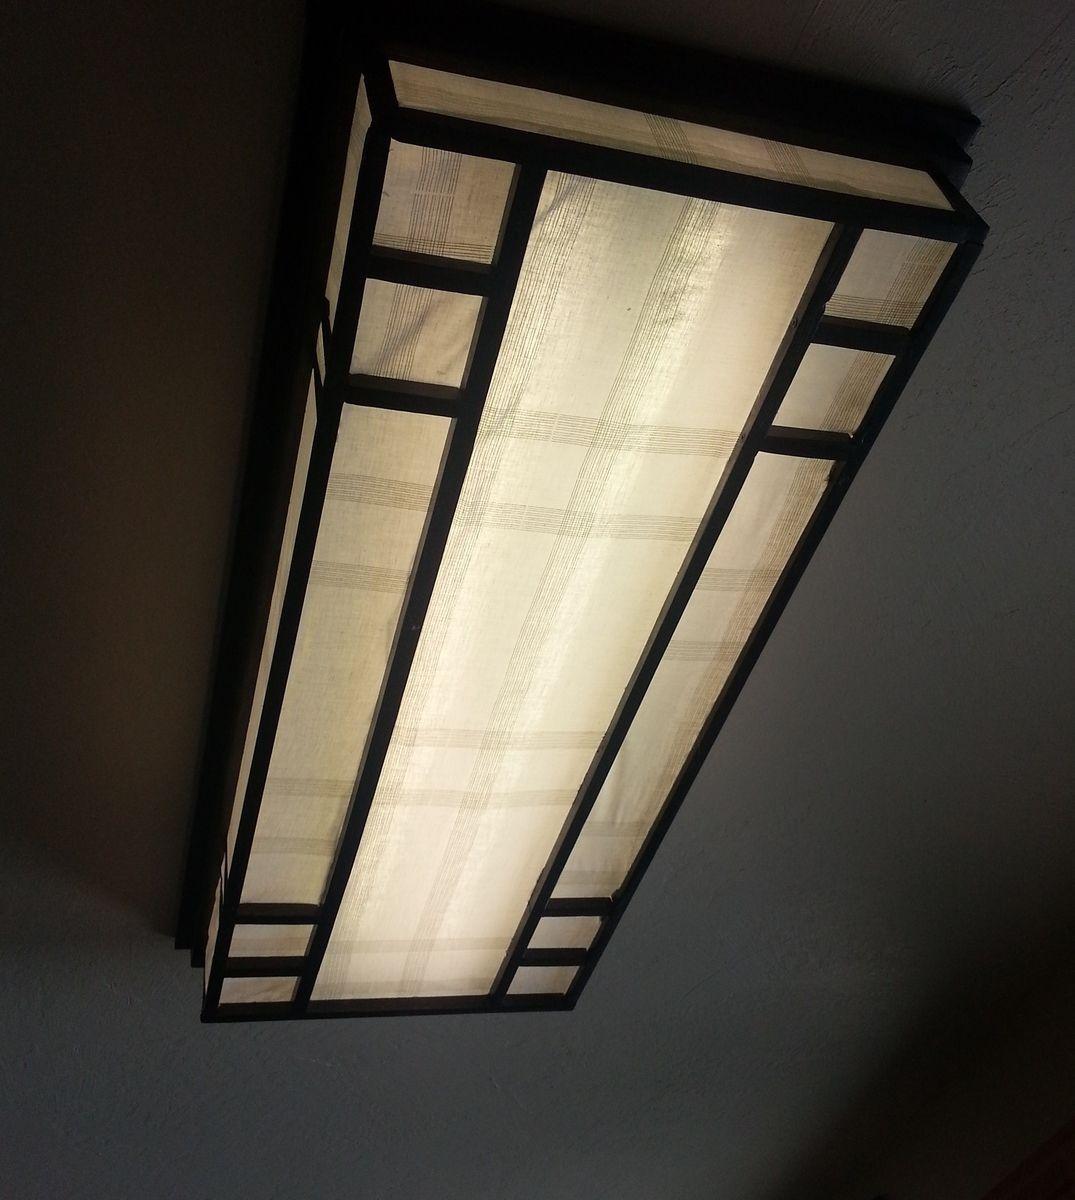 Custom Made Lamp Shade 4ft Fluorescent Lamp Shade In 2020 Fluorescent Light Covers Fluorescent Lamp Florescent Light Cover